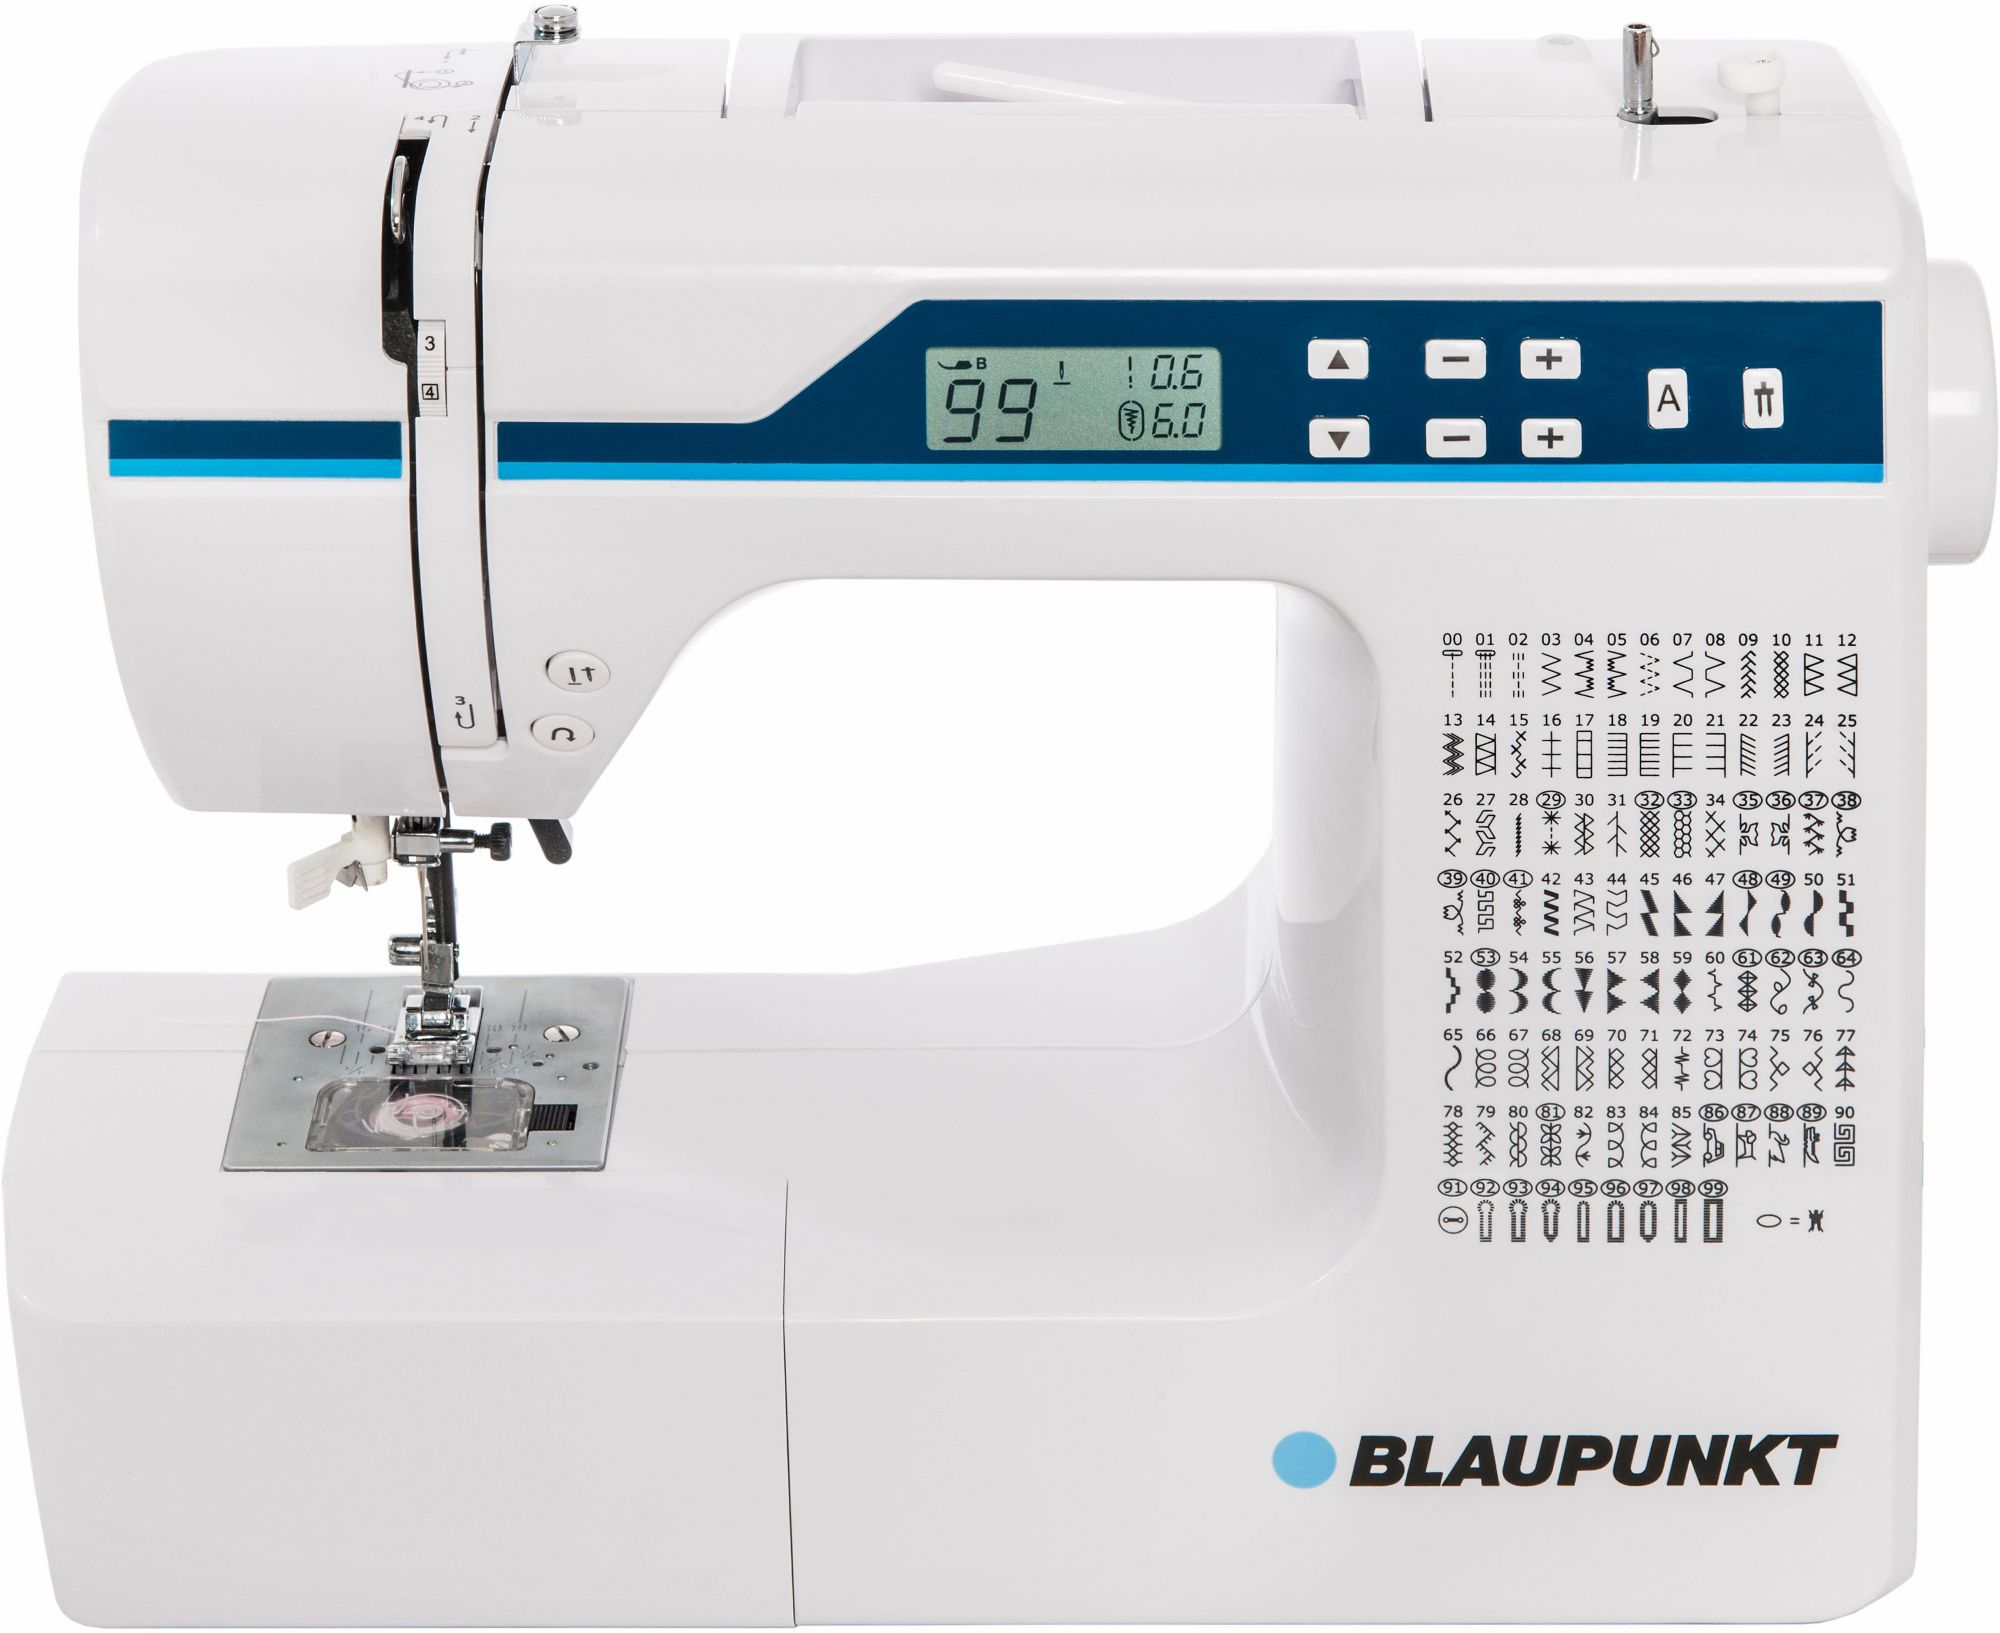 BLAUPUNKT Blaupunkt Nähmaschine Comfort 930, 200 Stichprogramme, mit Zubehör